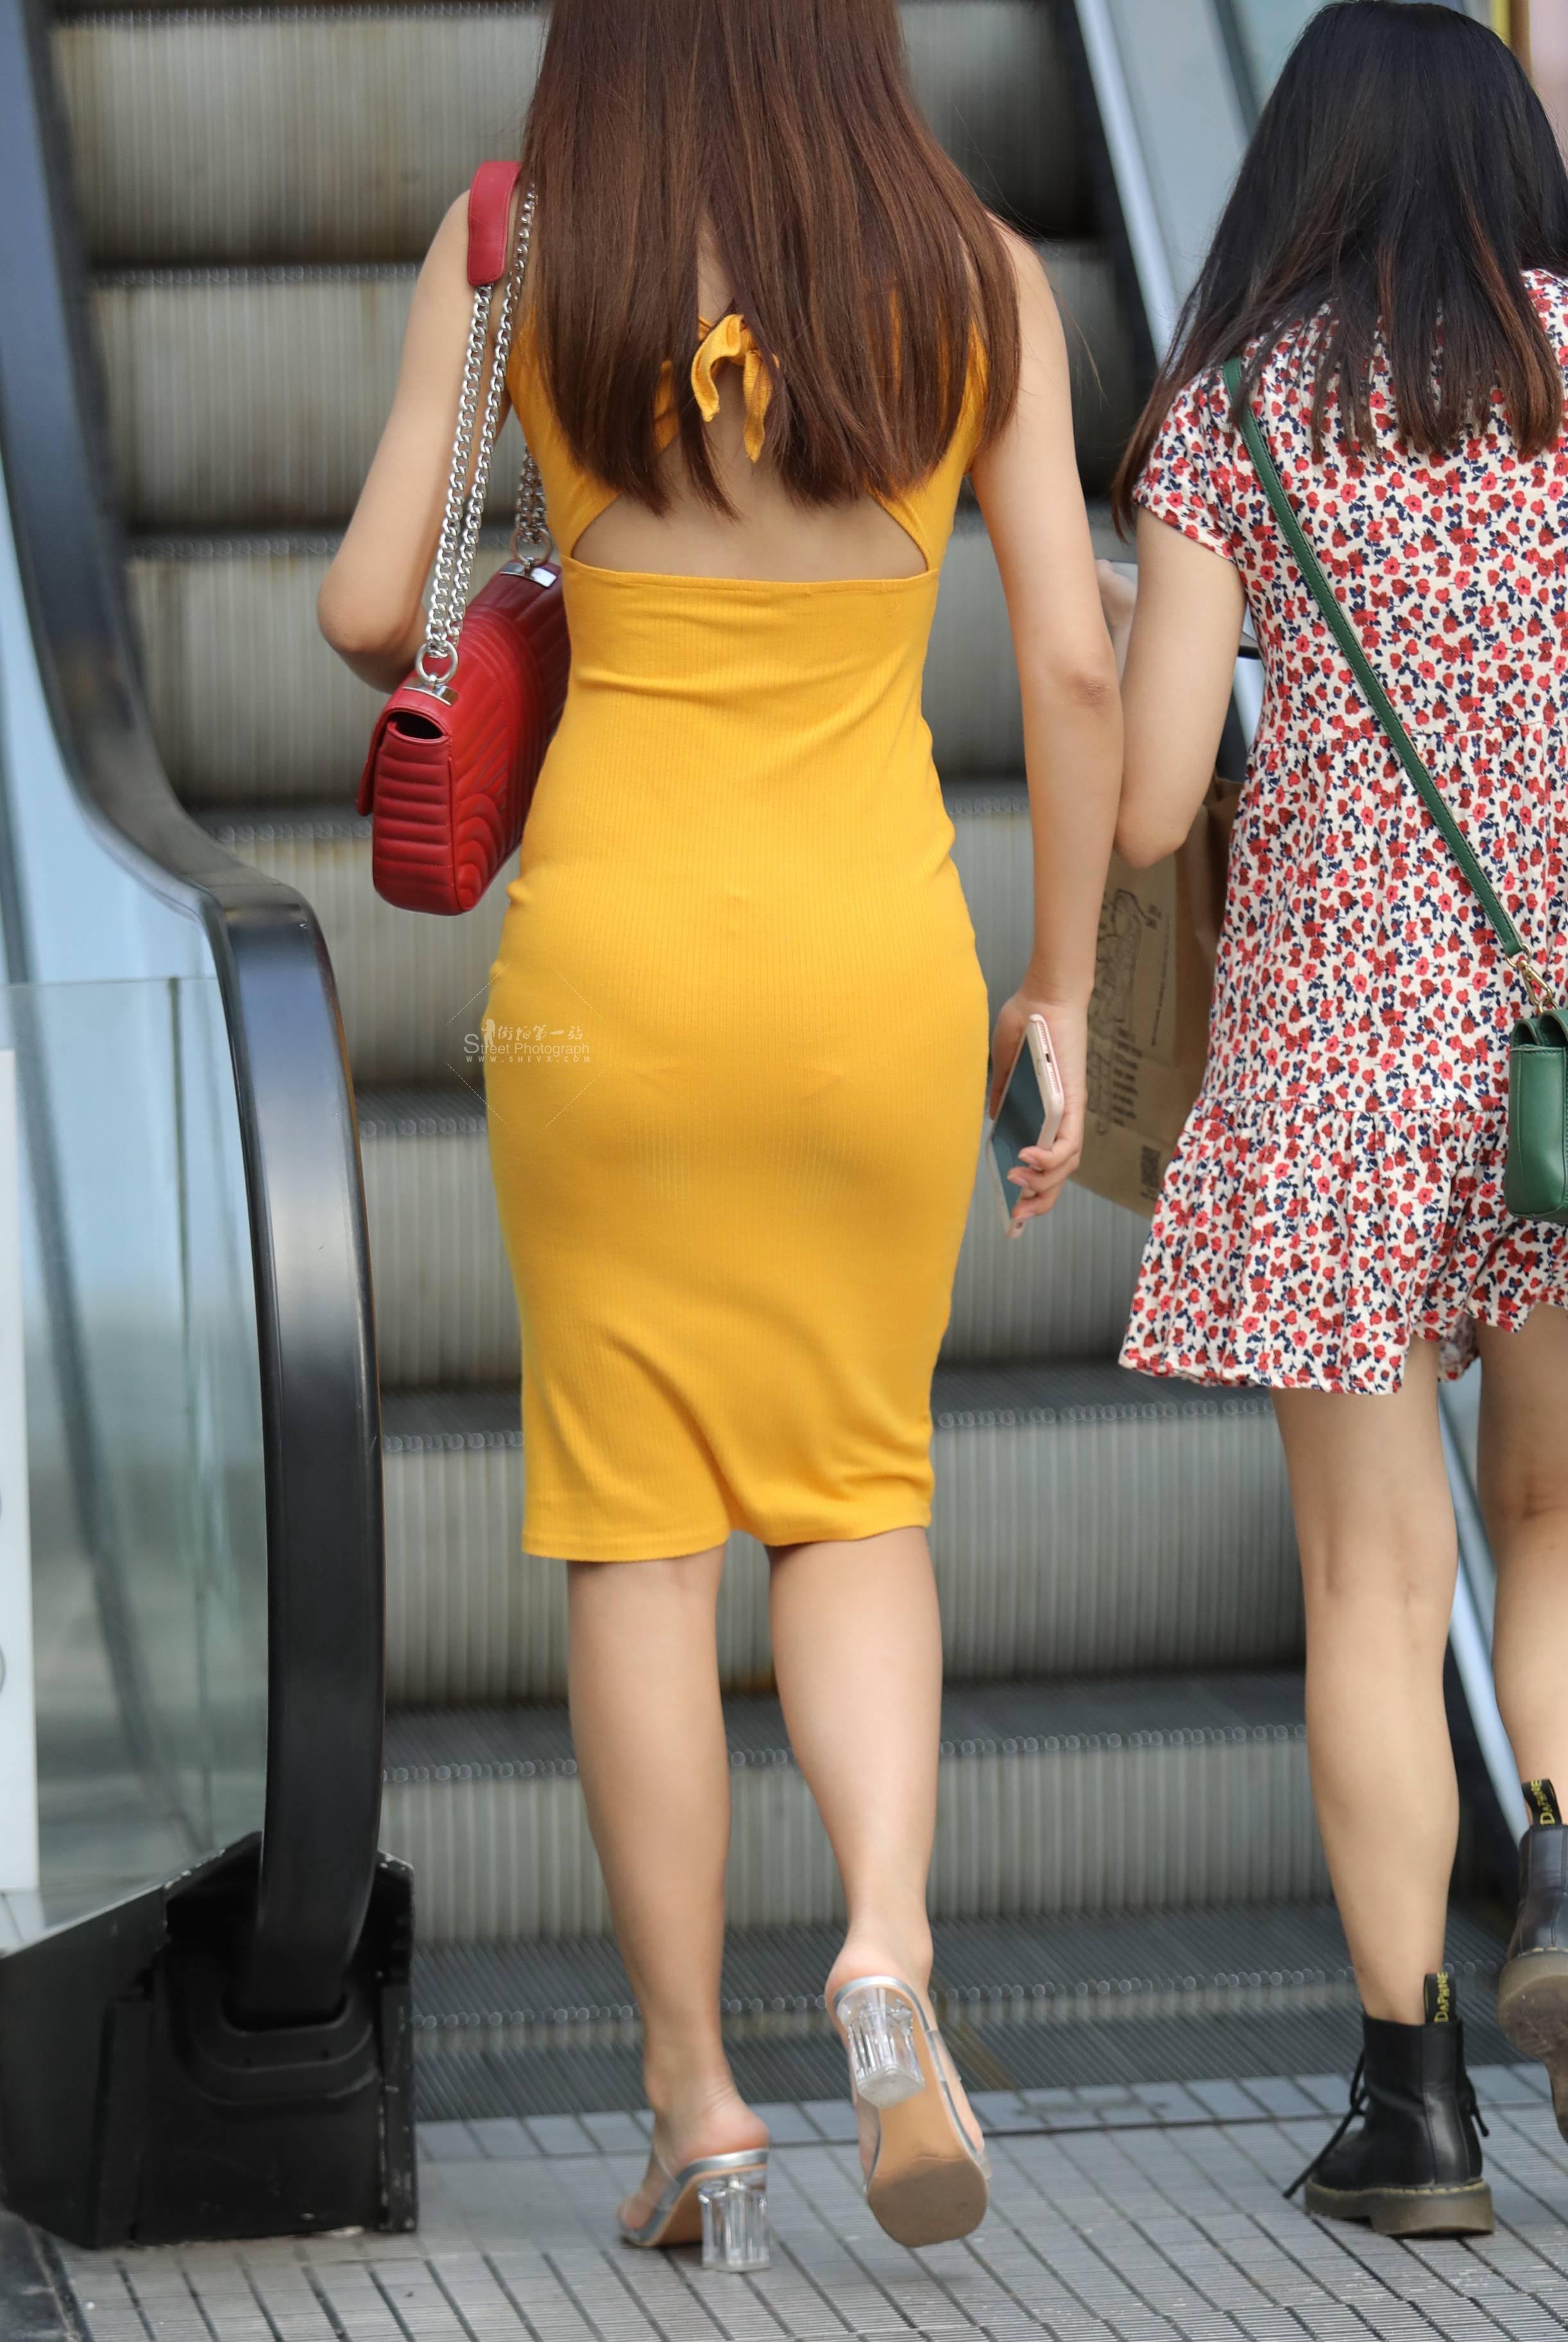 【珏一笑而过】漂亮黄裙Shao Fu 最新街拍丝袜图片 街拍丝袜第一站